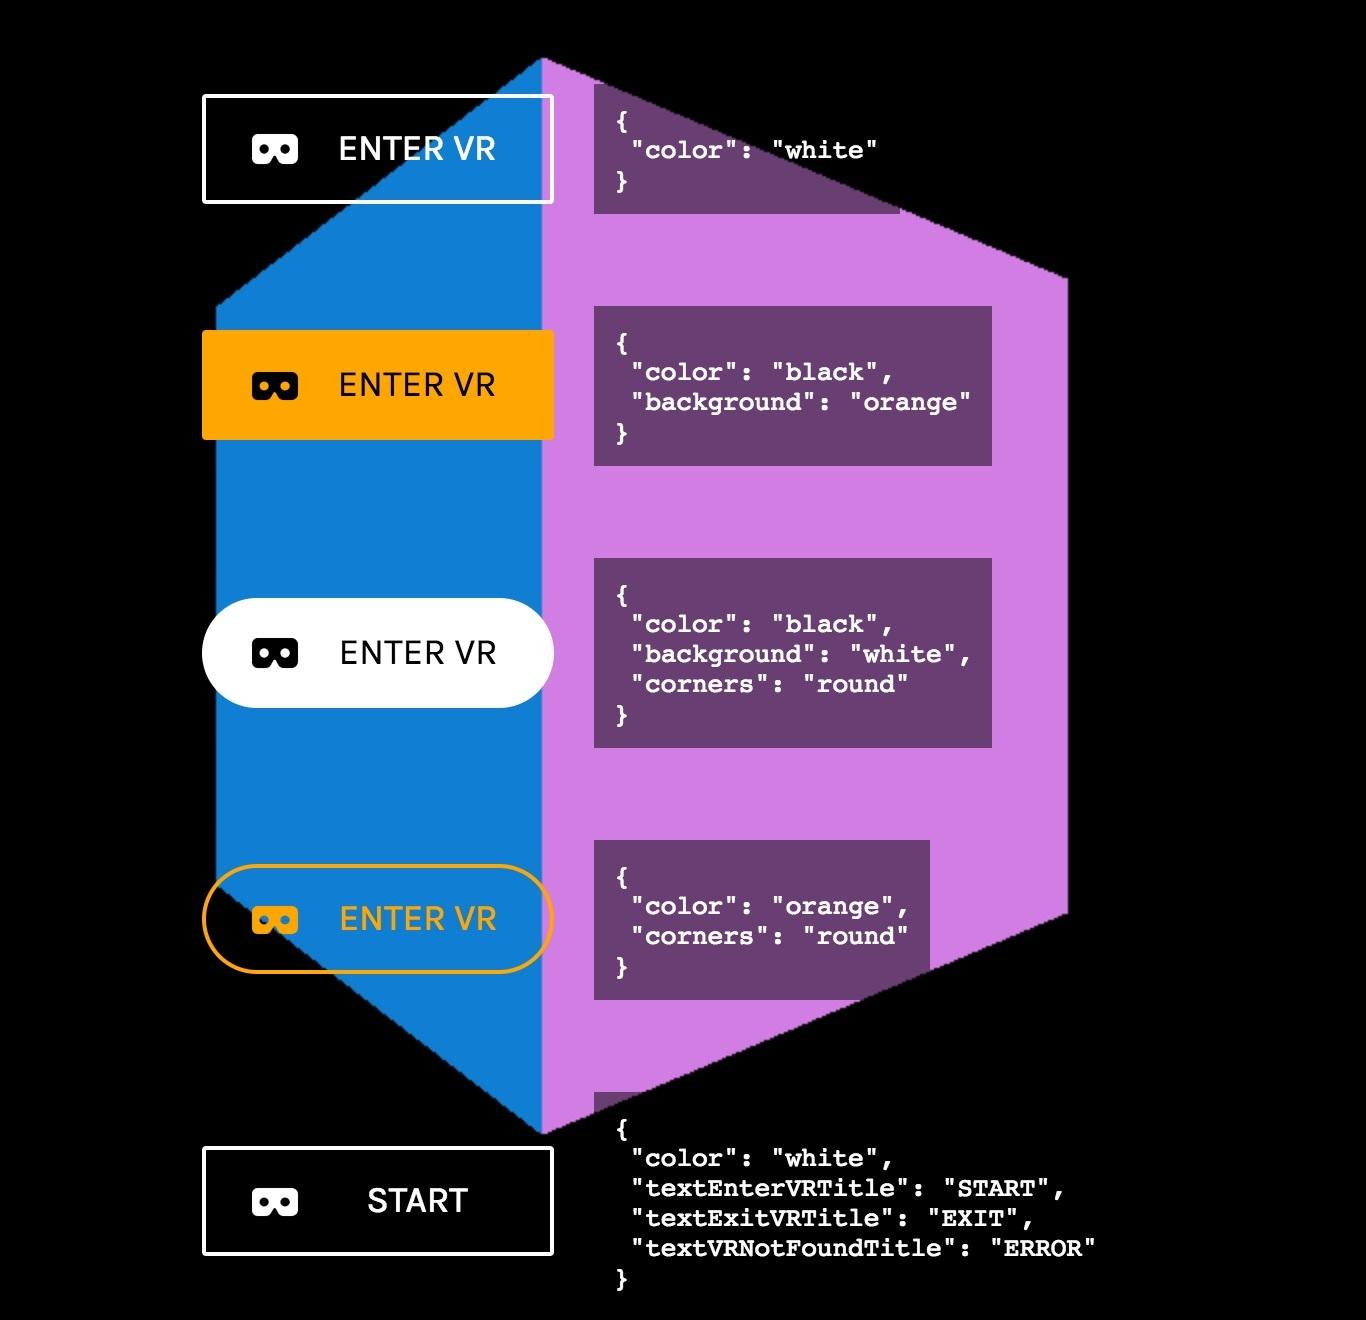 VR-AR в браузере. Как быстро влиться и сделать свое первое приложение, используя WebVR API - 13